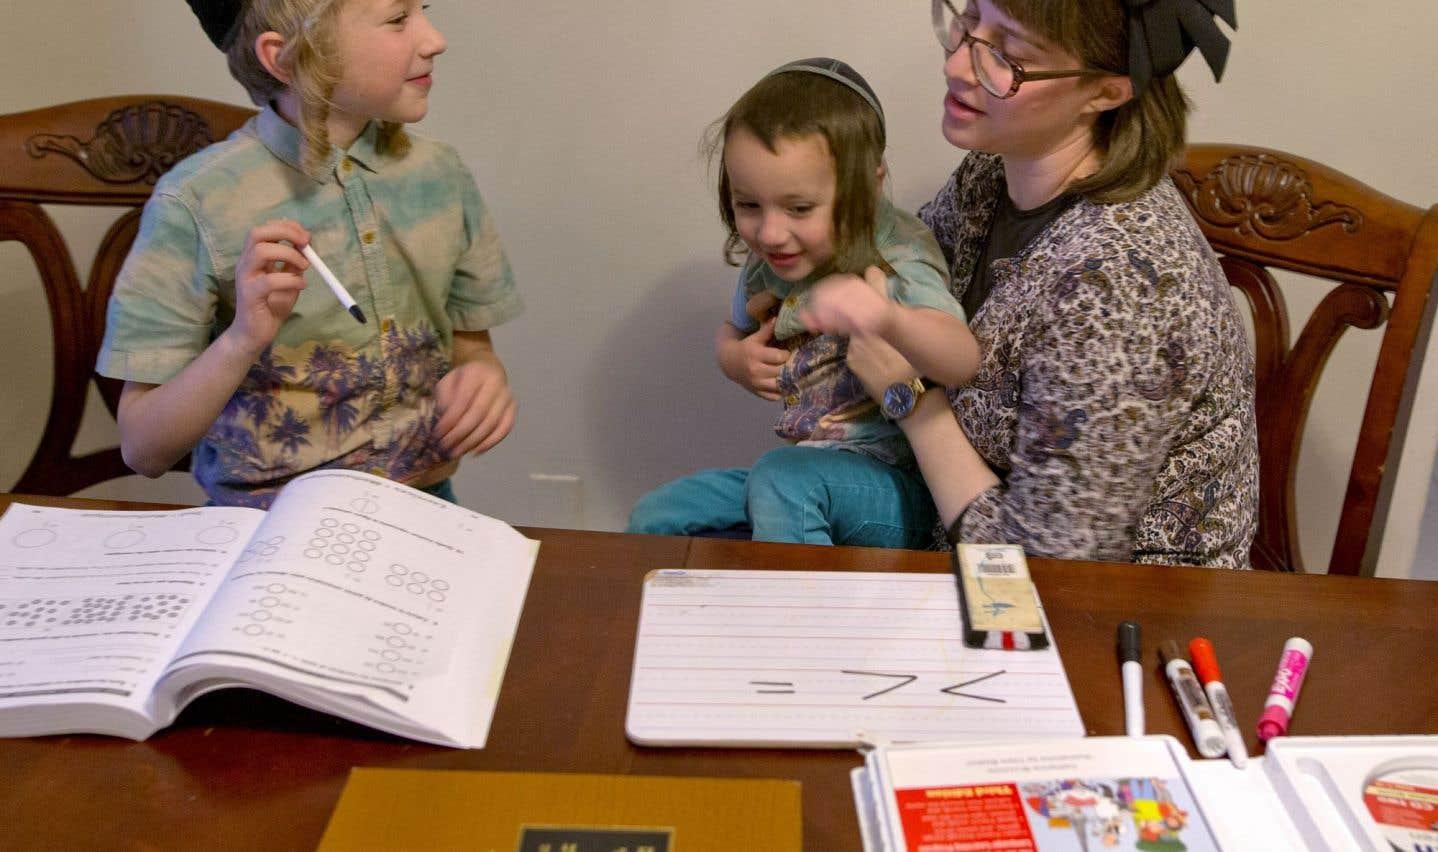 L'école à la maison semble une réussite pour 700 enfants de la communauté juive